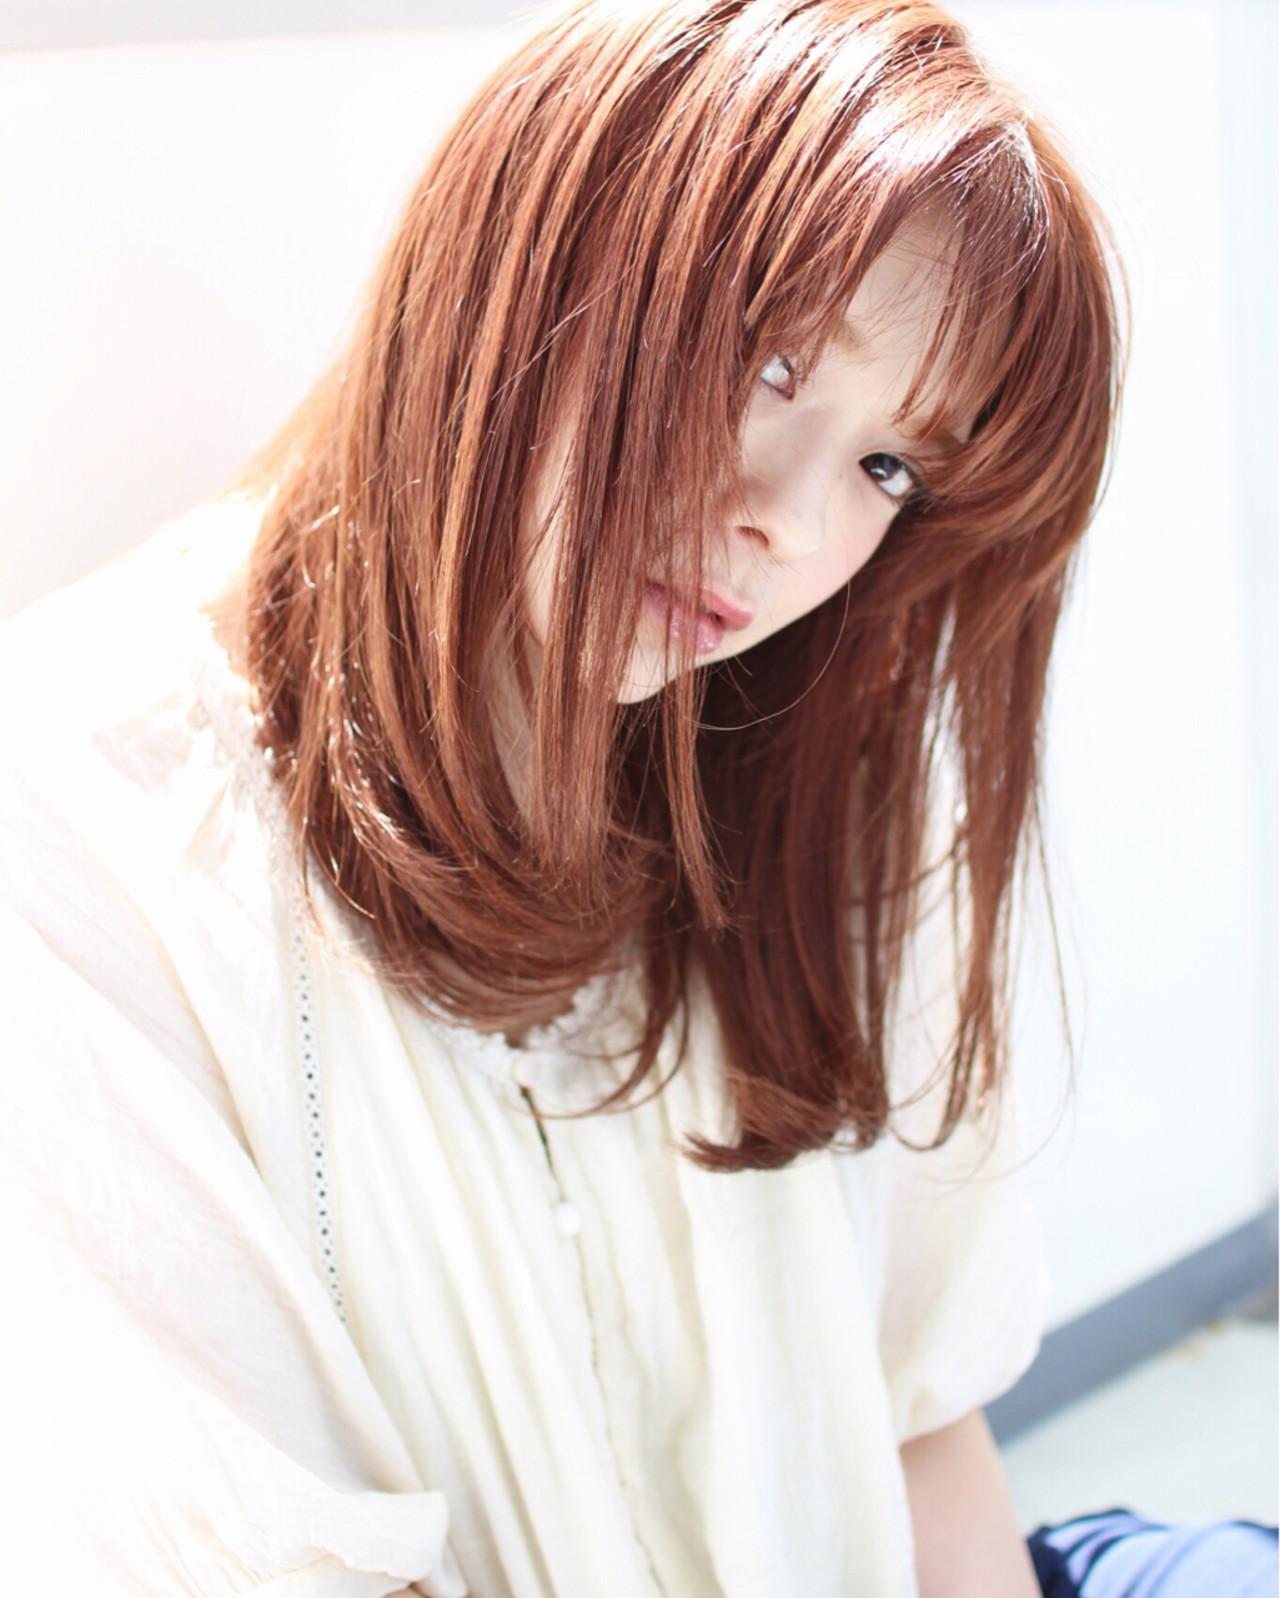 波ウェーブ 外ハネ ピュア ストリート ヘアスタイルや髪型の写真・画像 | 亀山 直紀 / Ash 二子玉川